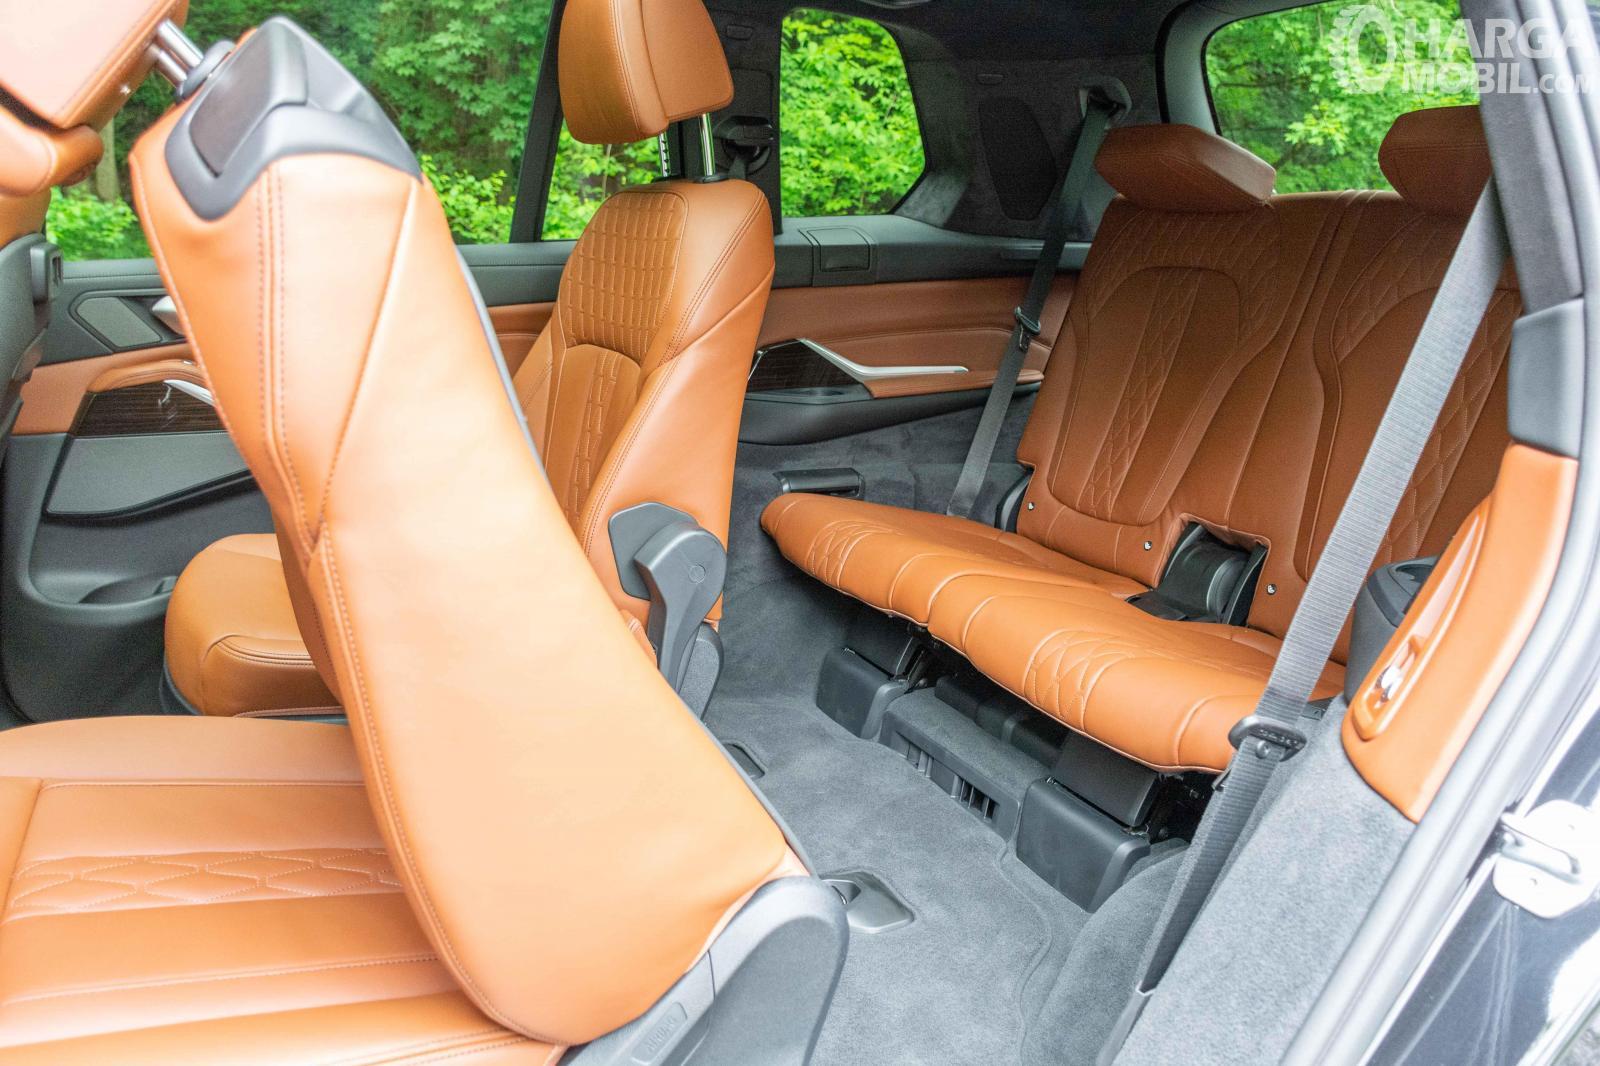 Foto menunjukkan Kursi baris belakang BMW X7 2019